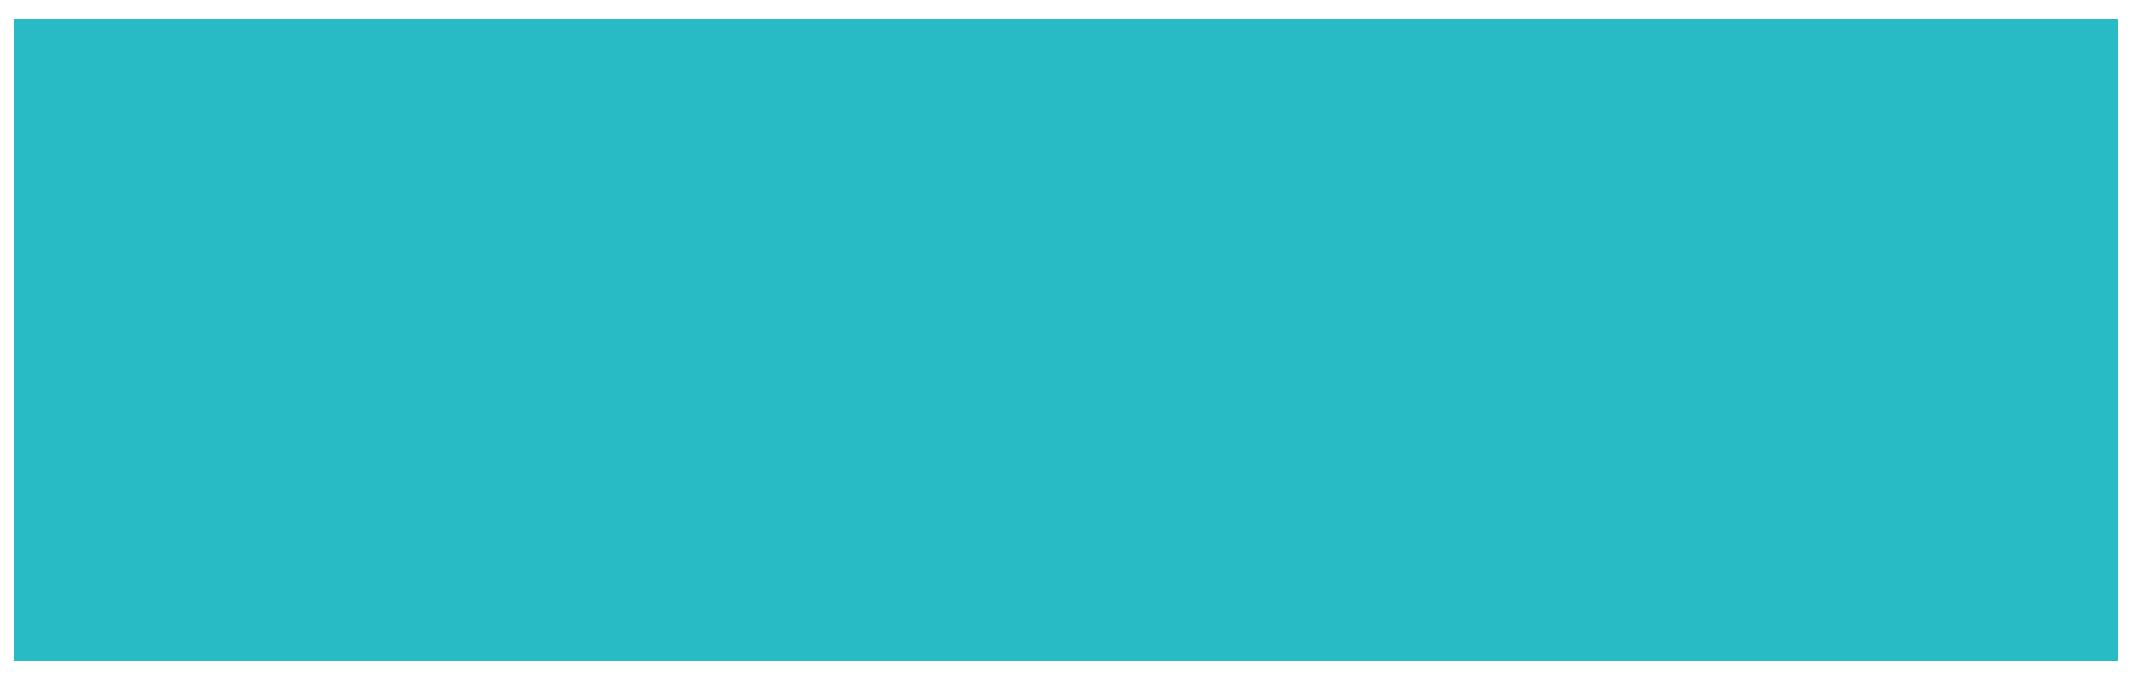 RigRun2021